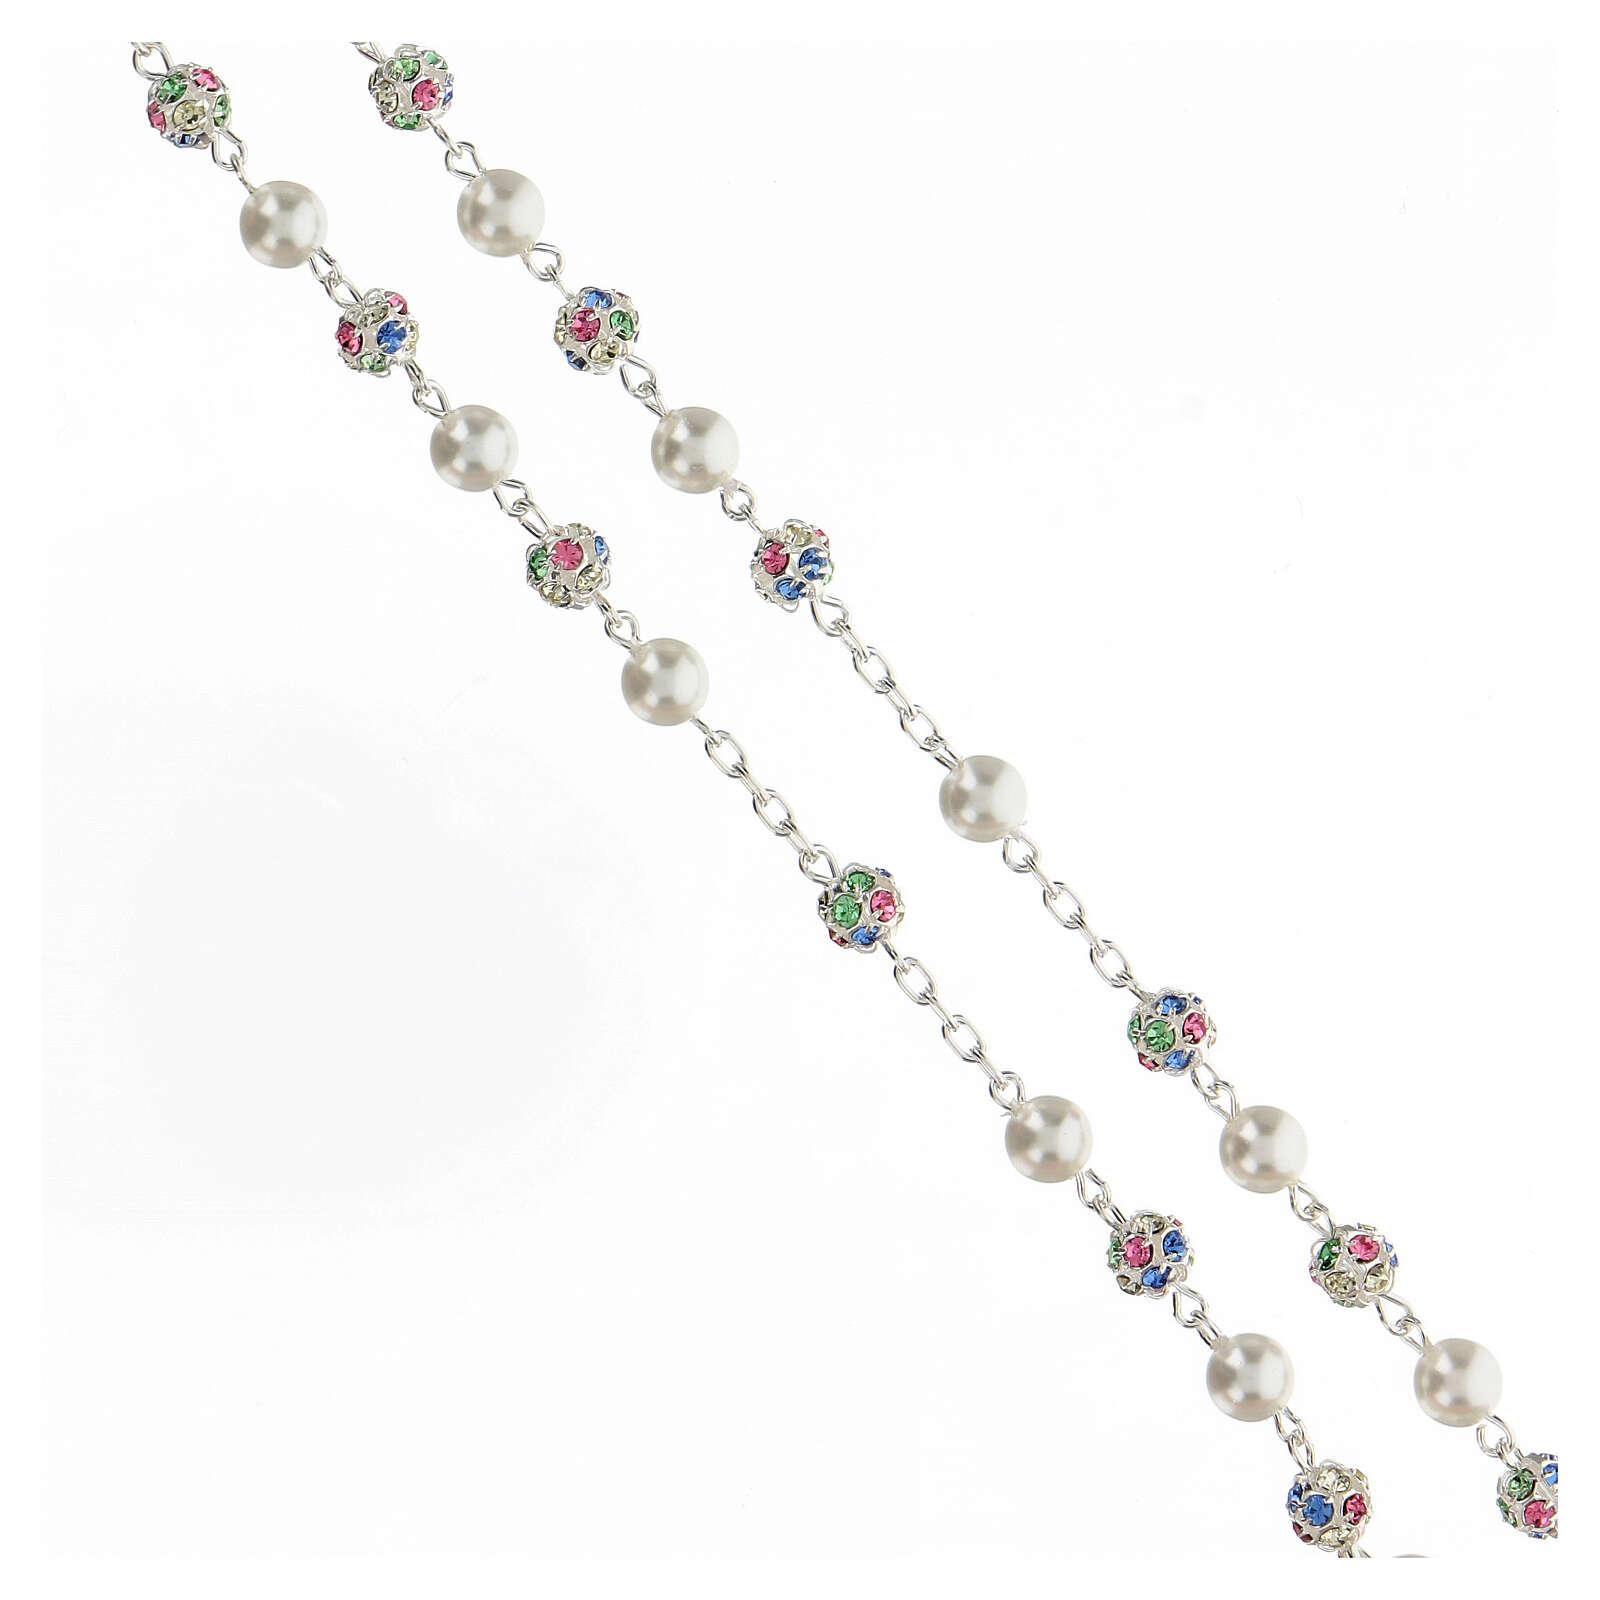 Terço prata 925 contas cristais strass multicoloridos 6 mm e pérolas 4